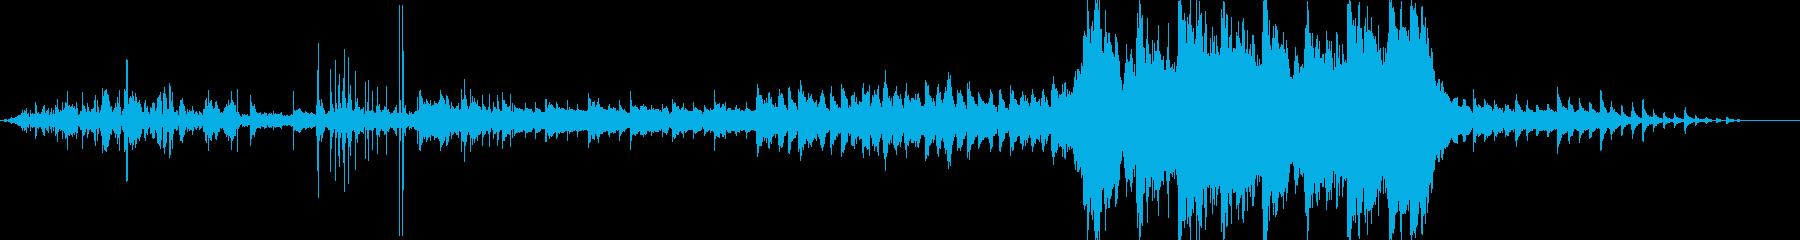 クリスマスを彩るBGMの再生済みの波形